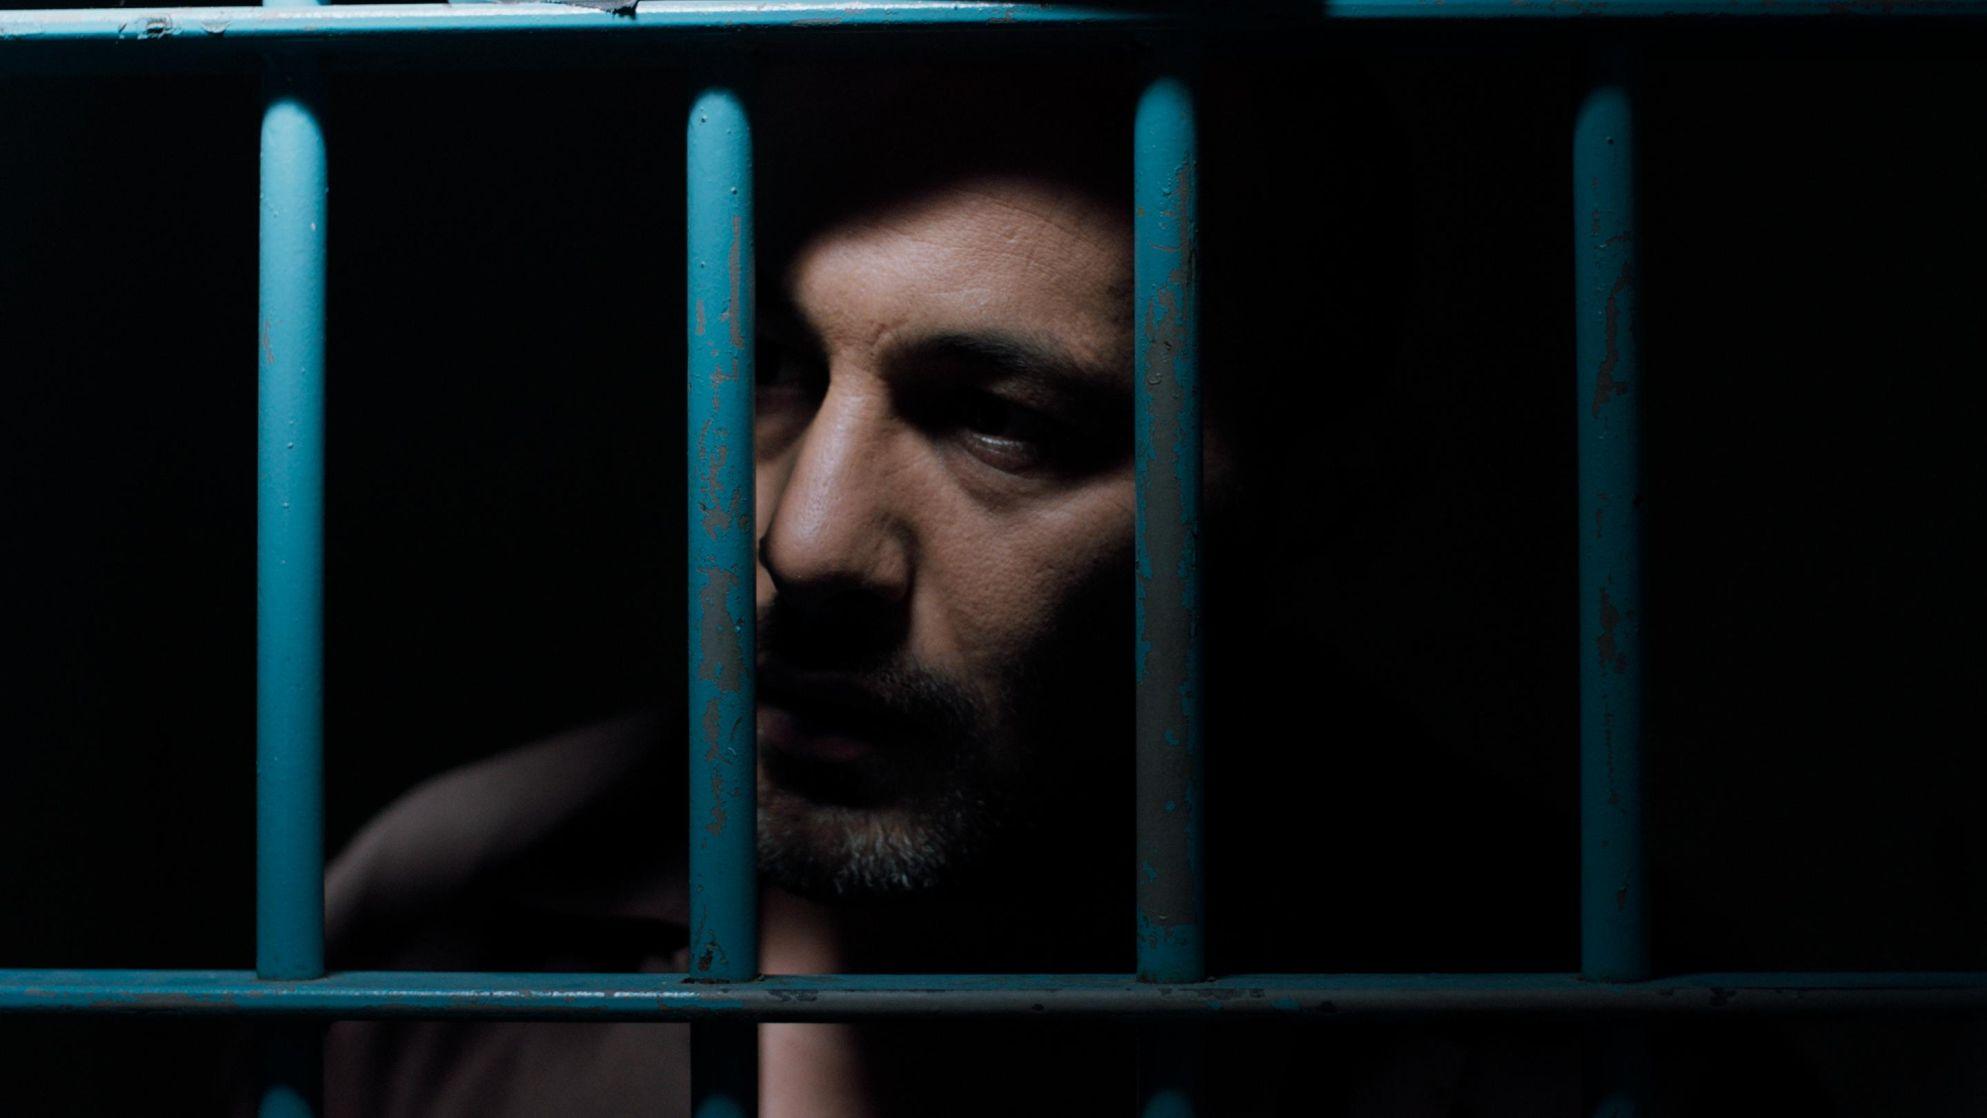 Sarah & Saleem - La' dove nulla è possibile: una scena con Adeeb Safadi